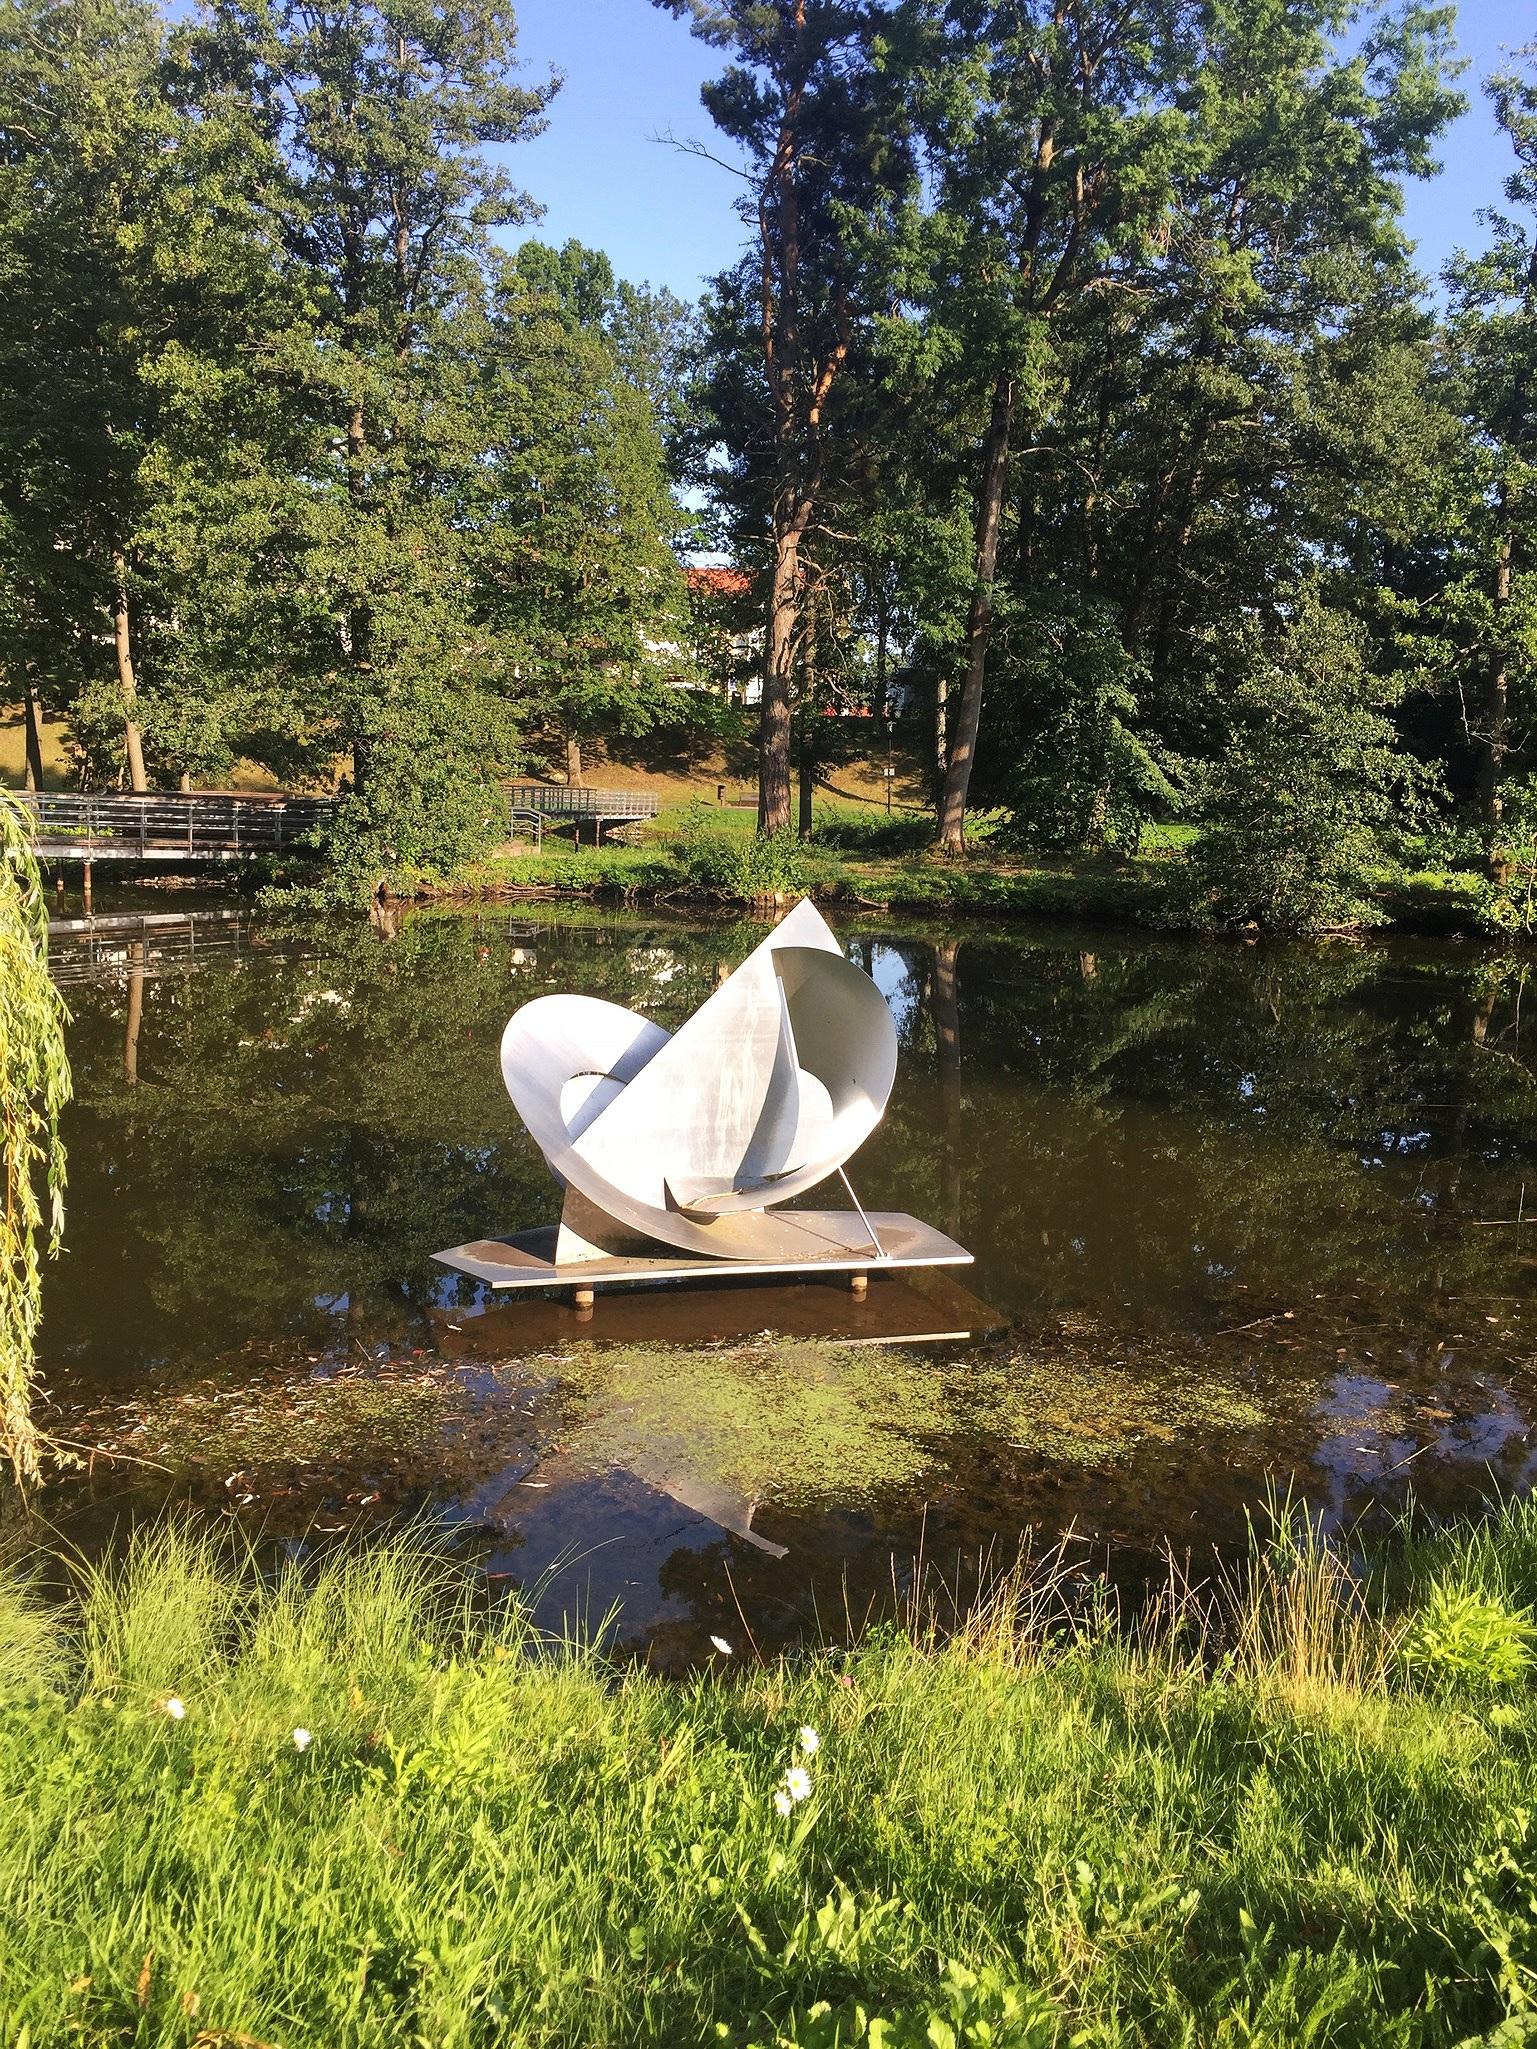 segel och snäcka     elli hemberg   skövde, sweden   photo credit: cecily ferguson, 2019